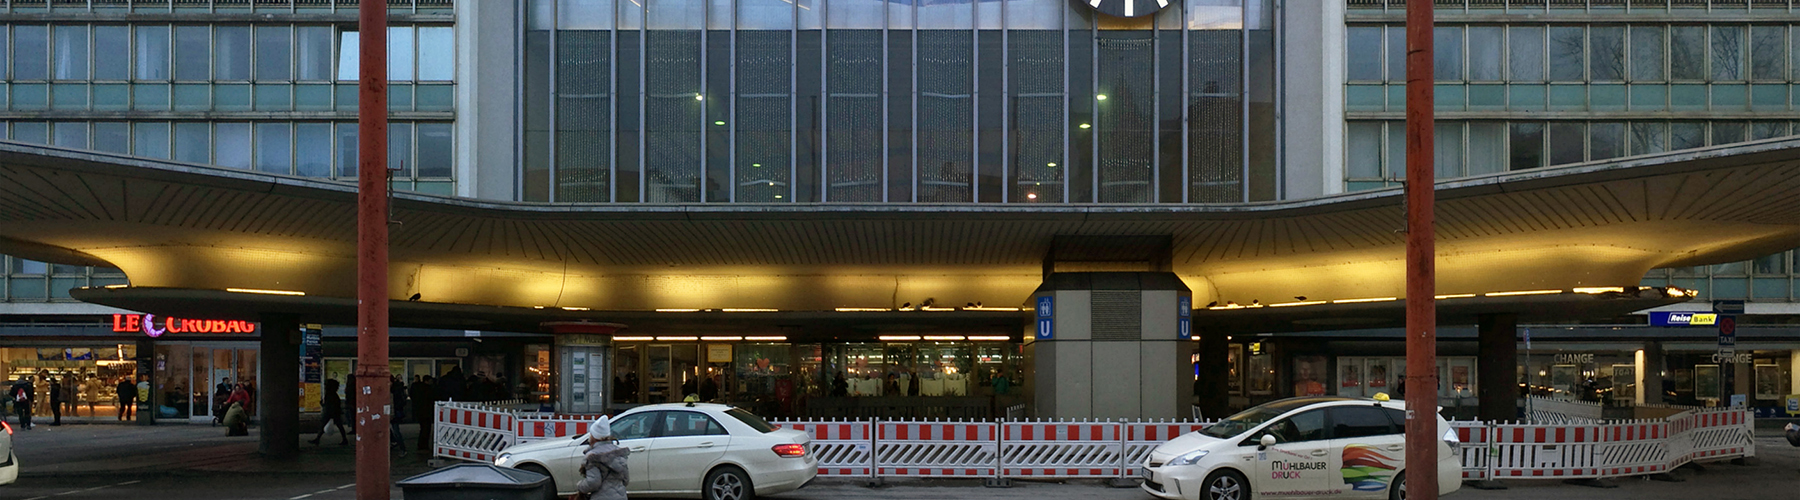 뮌헨 - 뮌헨 하프반호프와 가까운 호스텔. 뮌헨의 지도, 뮌헨에 위치한 호스텔 사진 및 후기 정보.